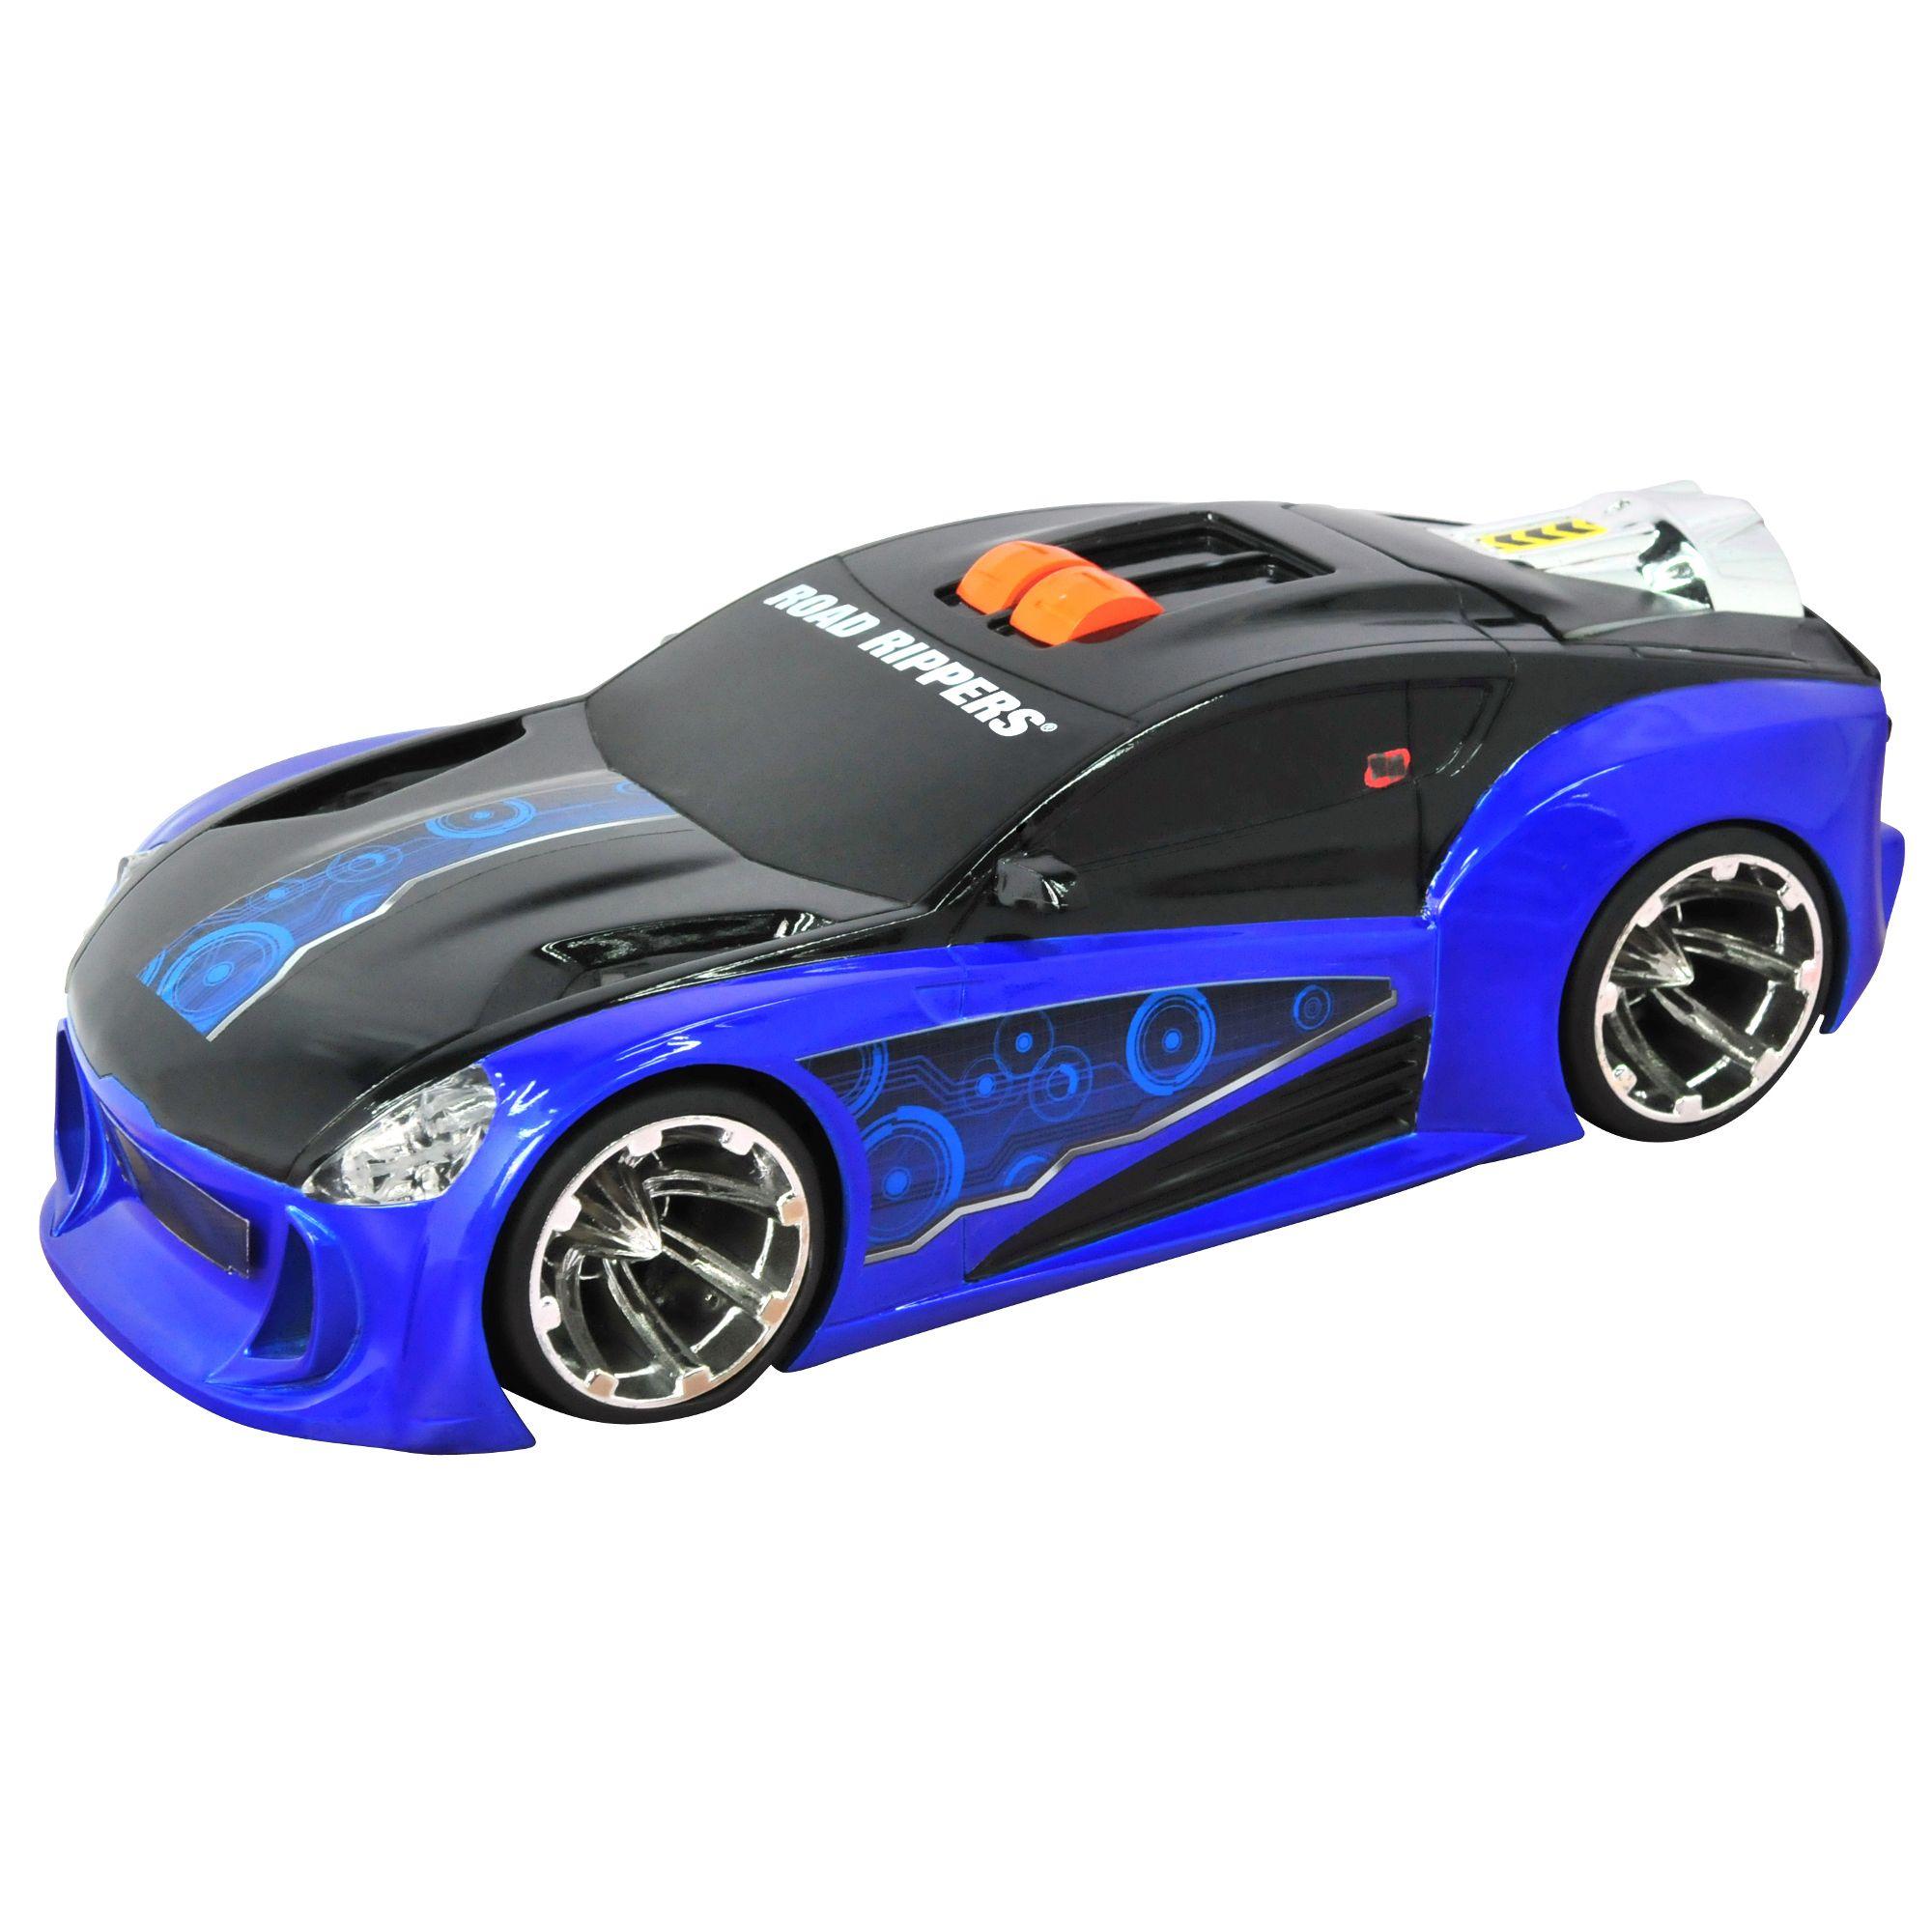 Road Rippers Auto Maximum Boost samochód z napędem niebieski dźwiek i światło 33347